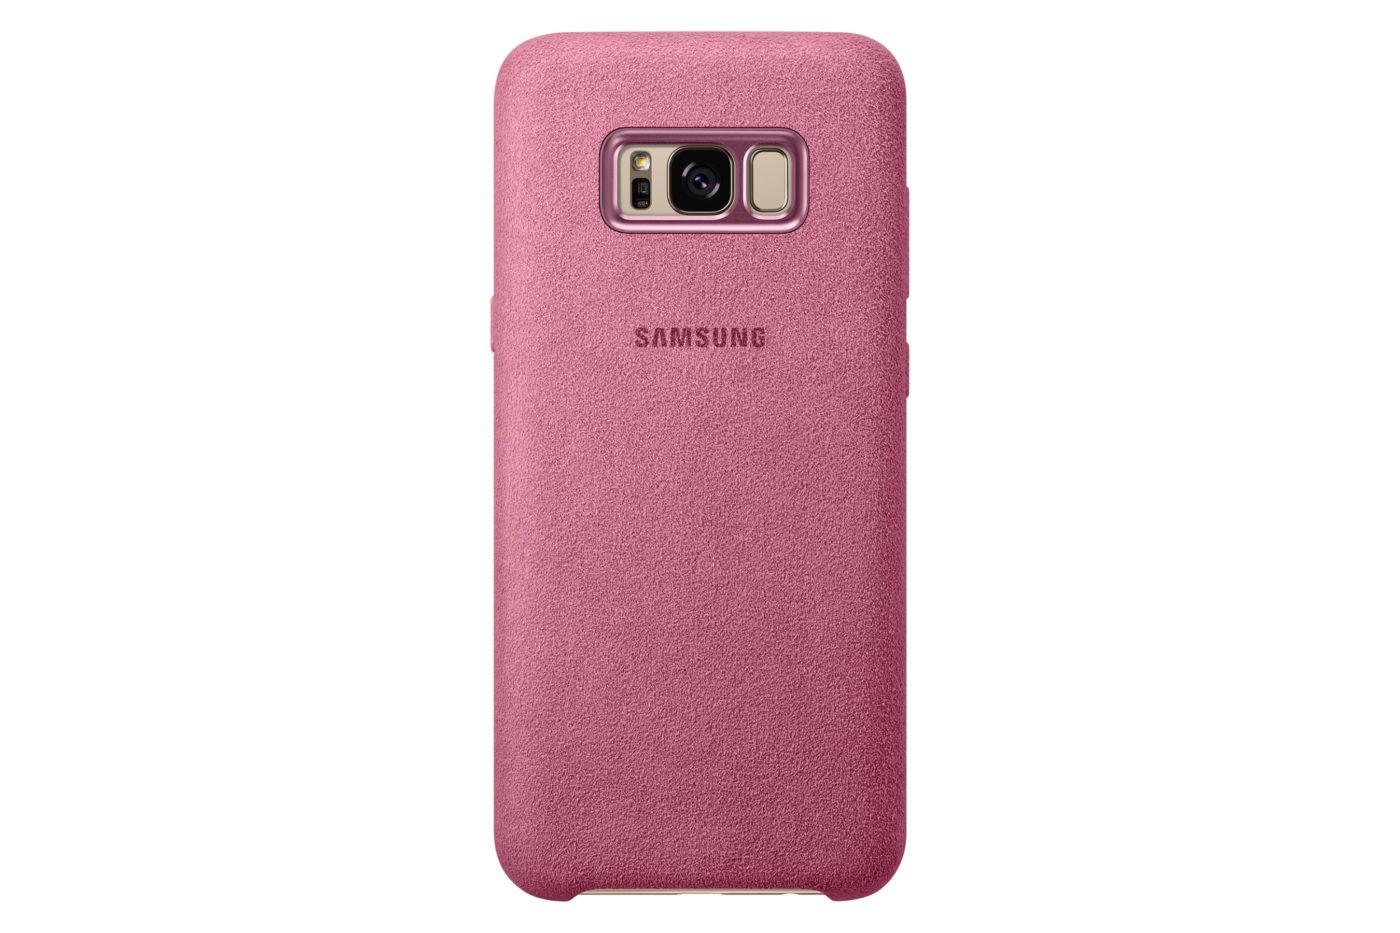 粉色上市!三星 Galaxy S8+ 推出『瑰蜜粉』新顏色款 @3C 達人廖阿輝